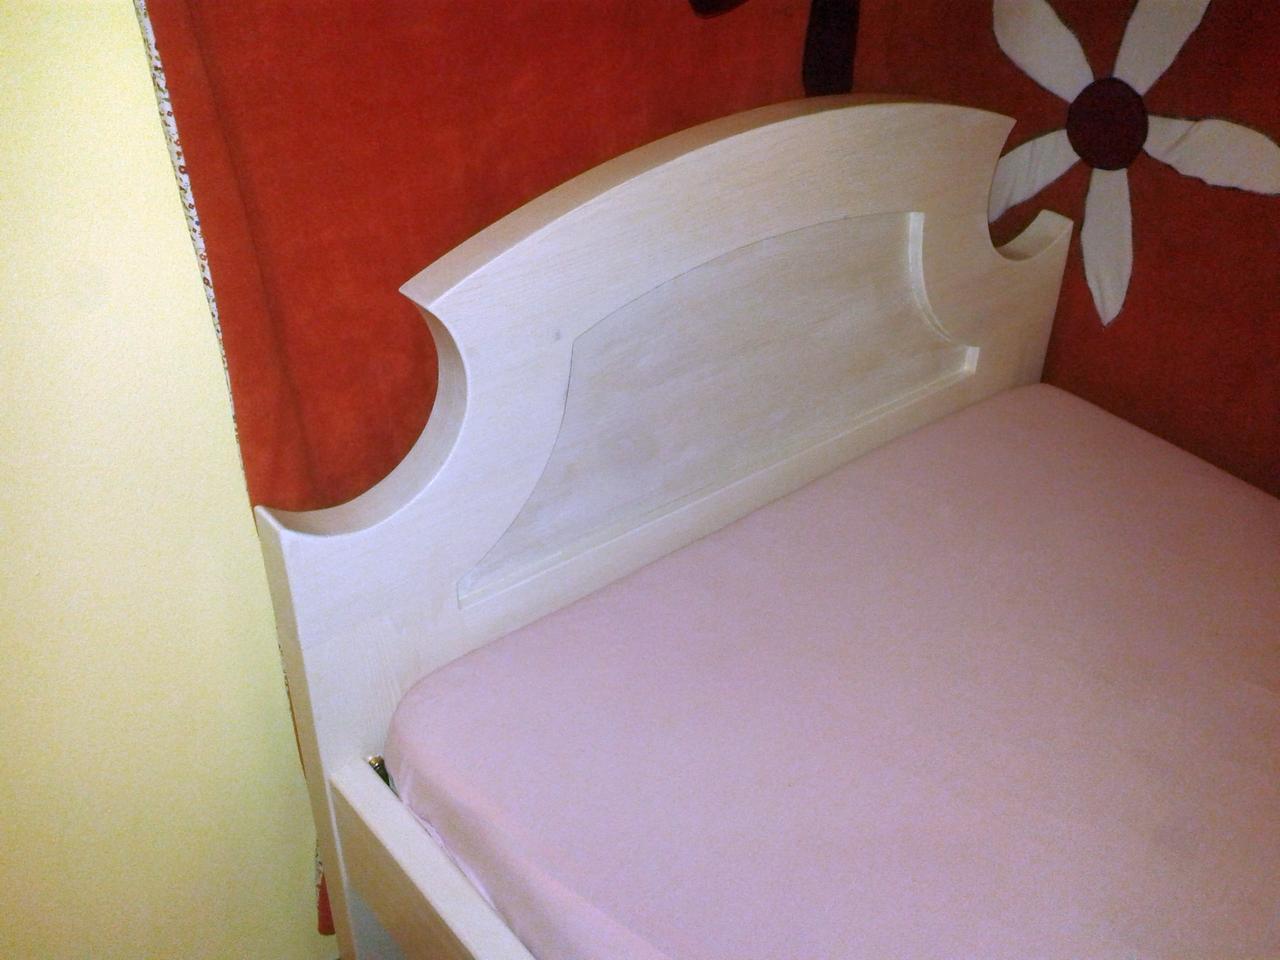 Megkímélt régi bordó székek szinte ingyen elvihetők!, Szalon